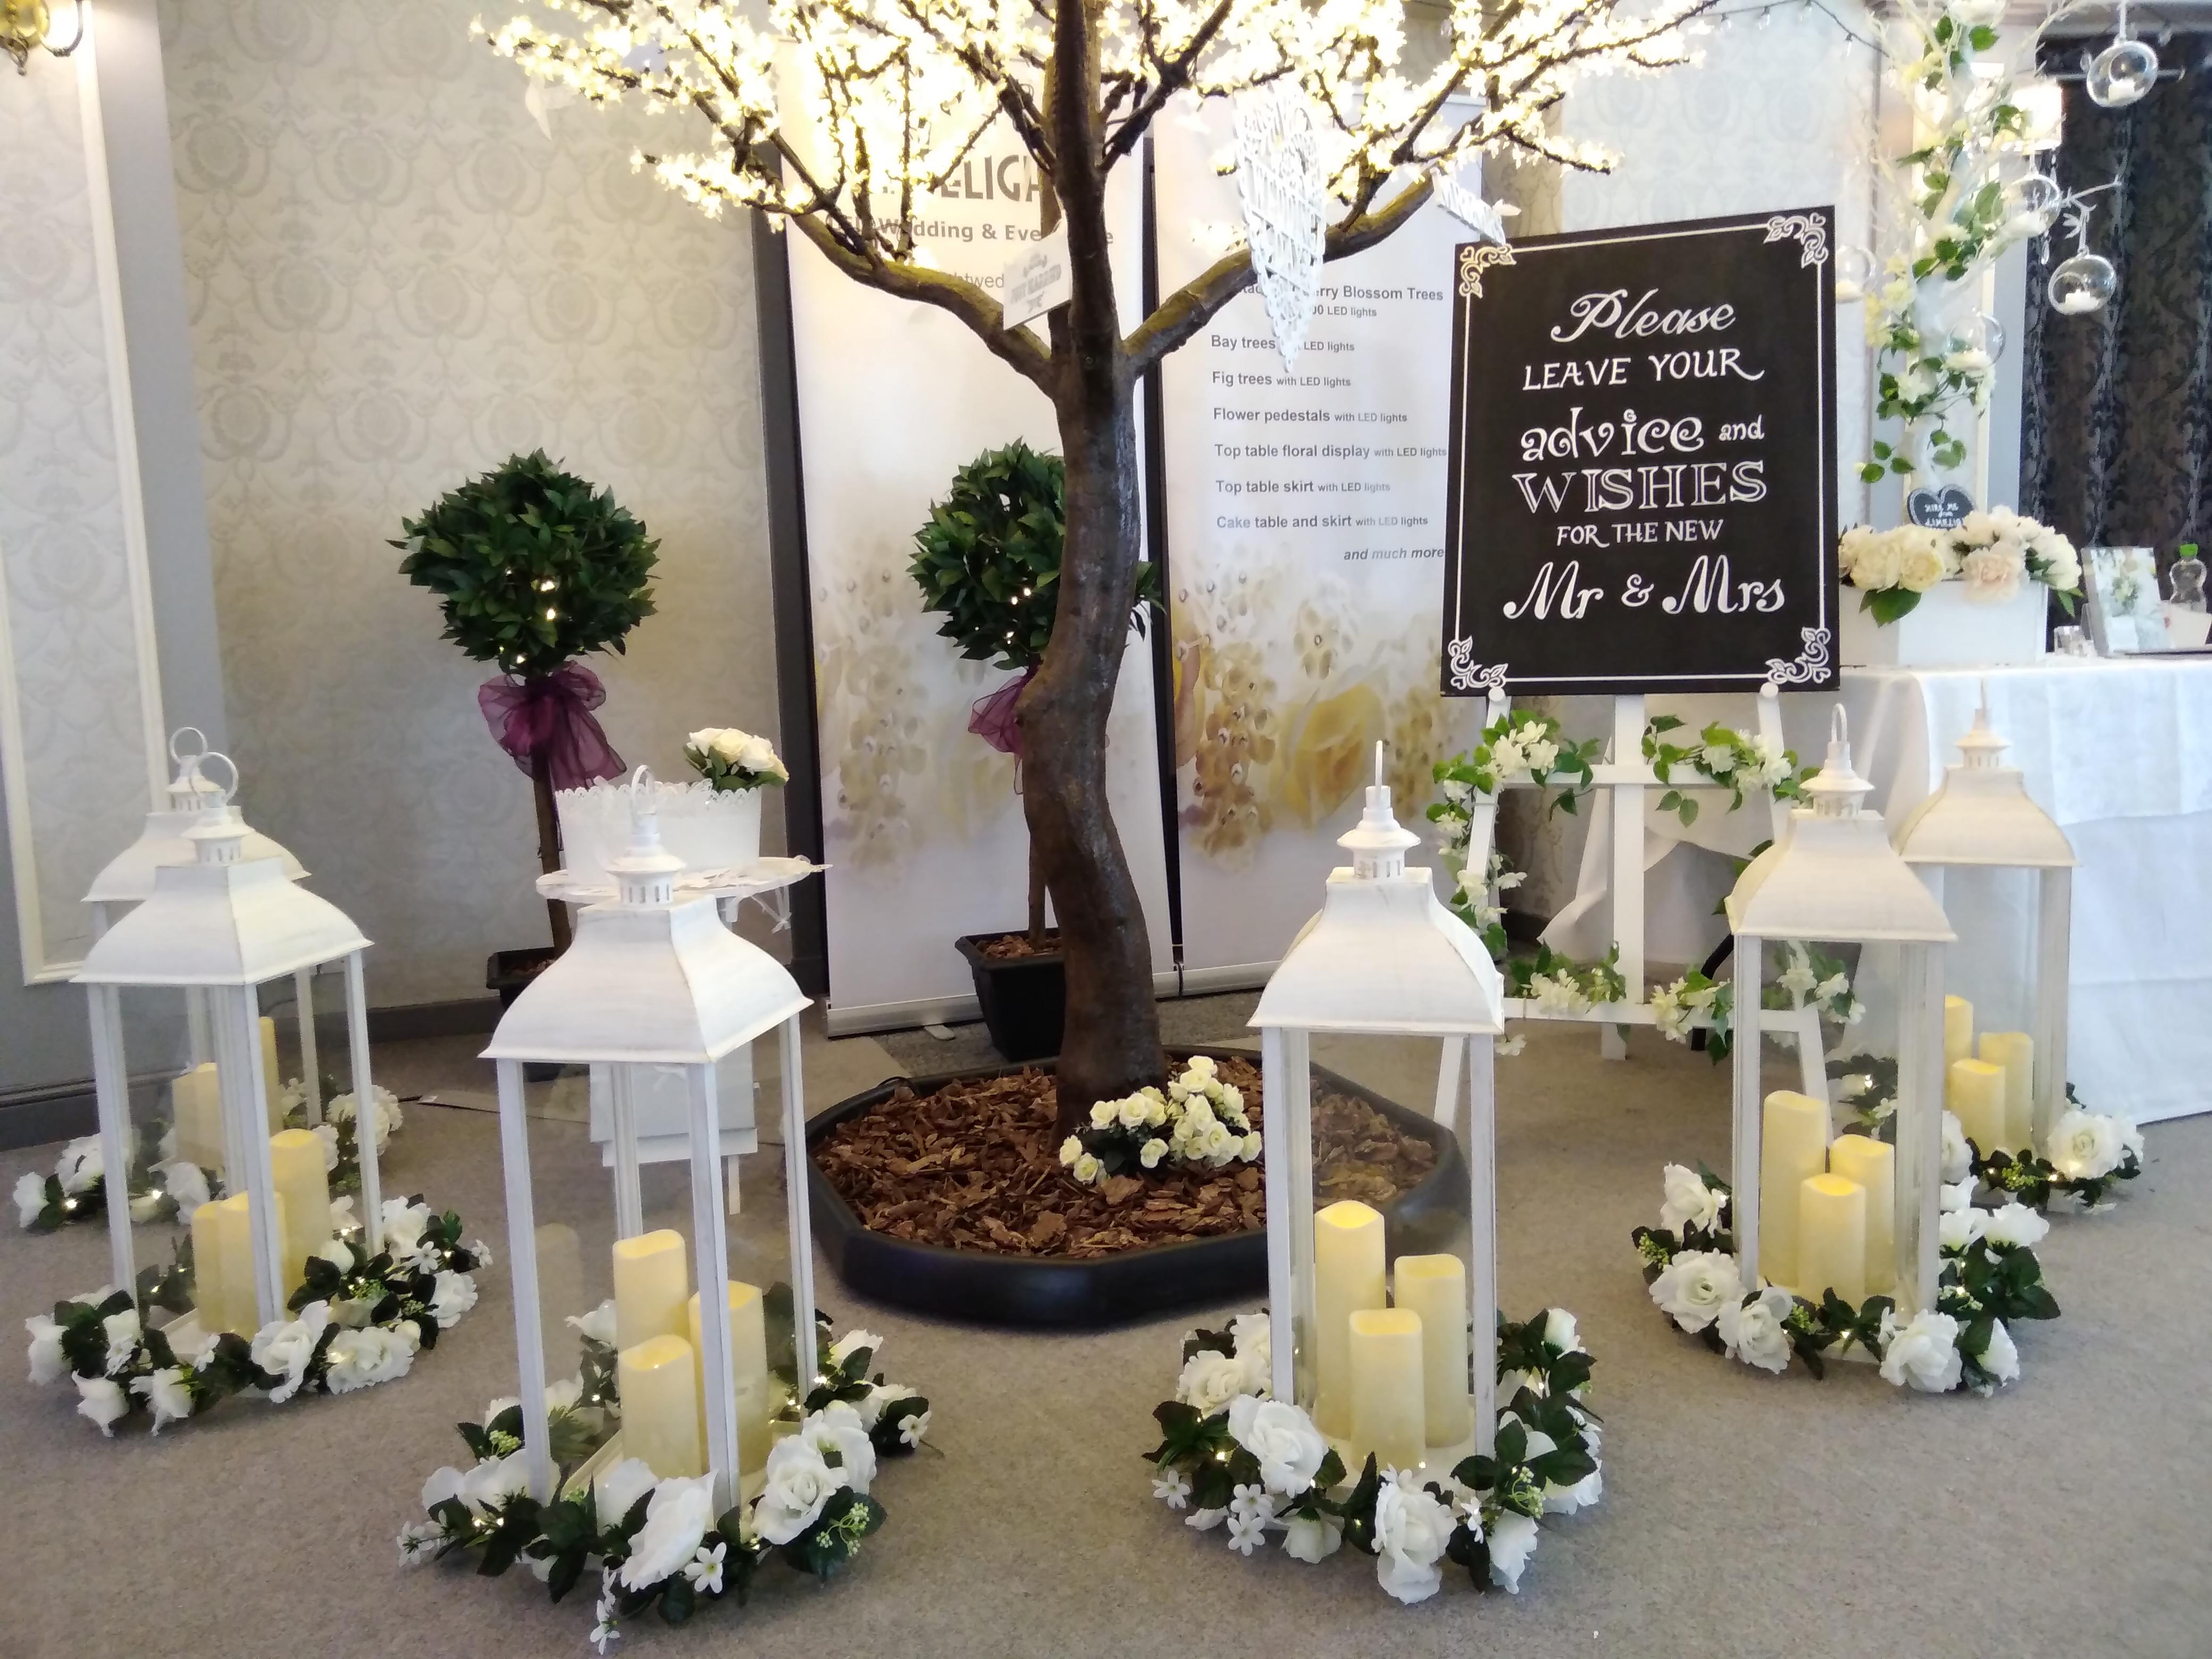 Wedding Lanterns with Rose Garlands arou